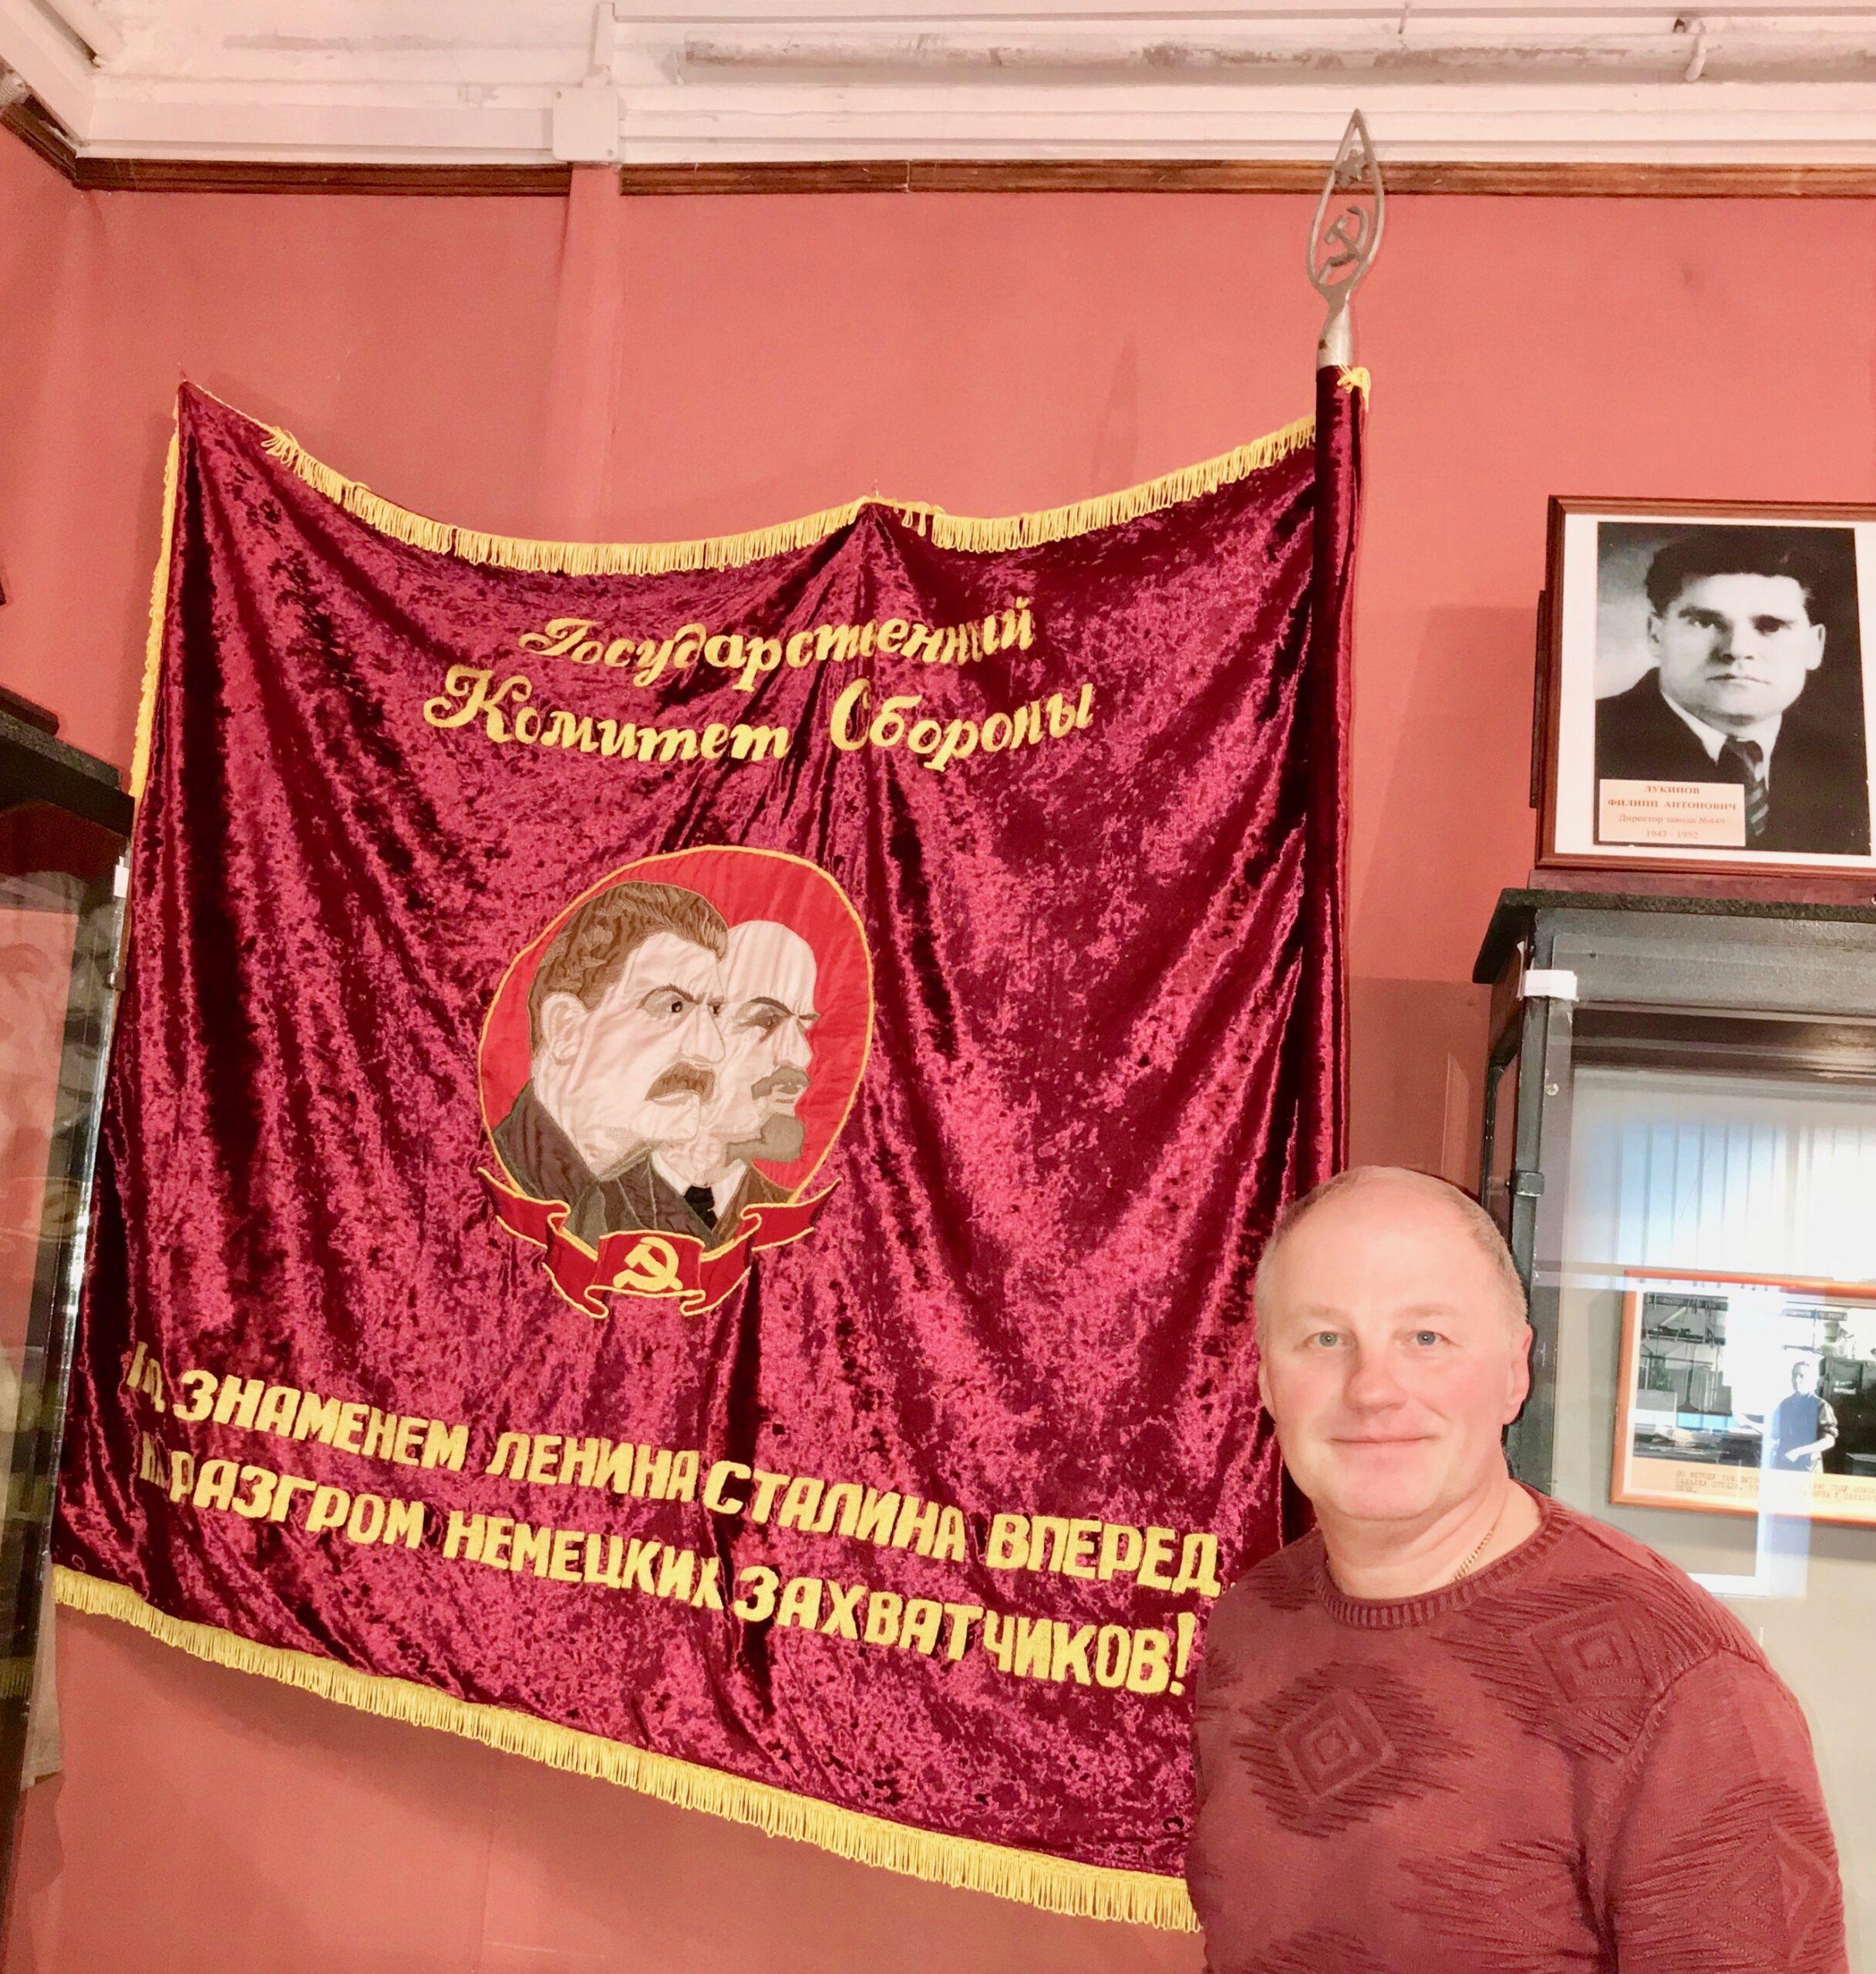 В Екатеринбурге следователь СК угрожает вынести двери подзащитному адвоката Упорова И.Н. Данные действия - незаконны!